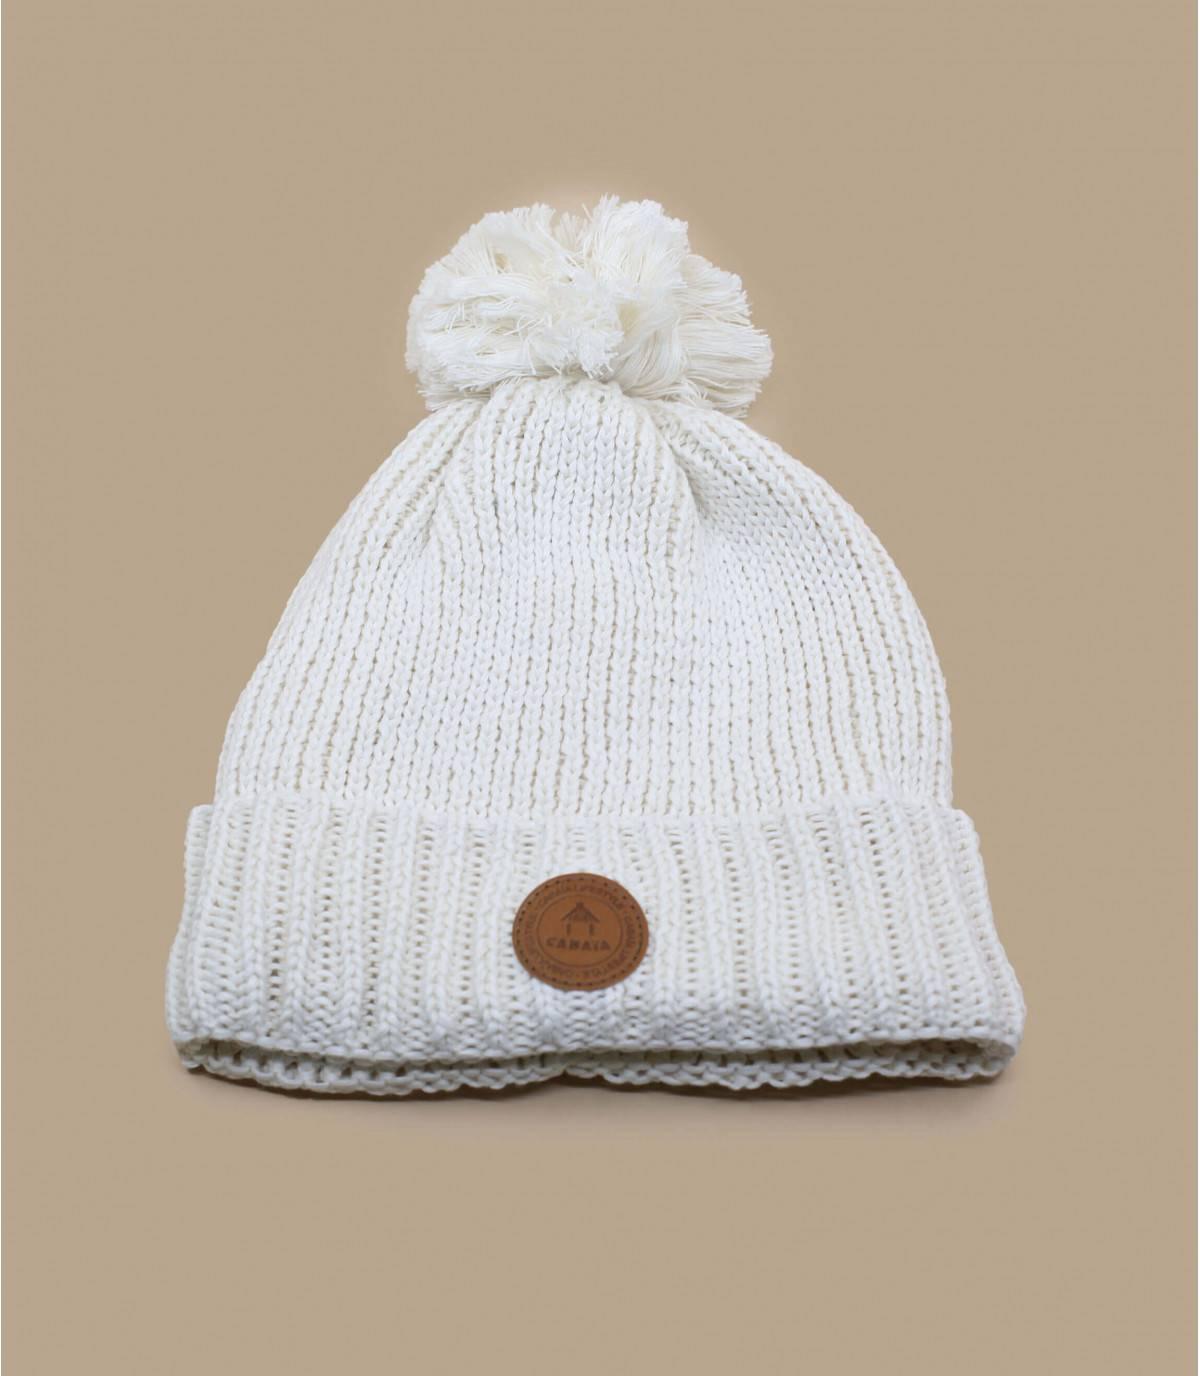 cappello bianco con pompon